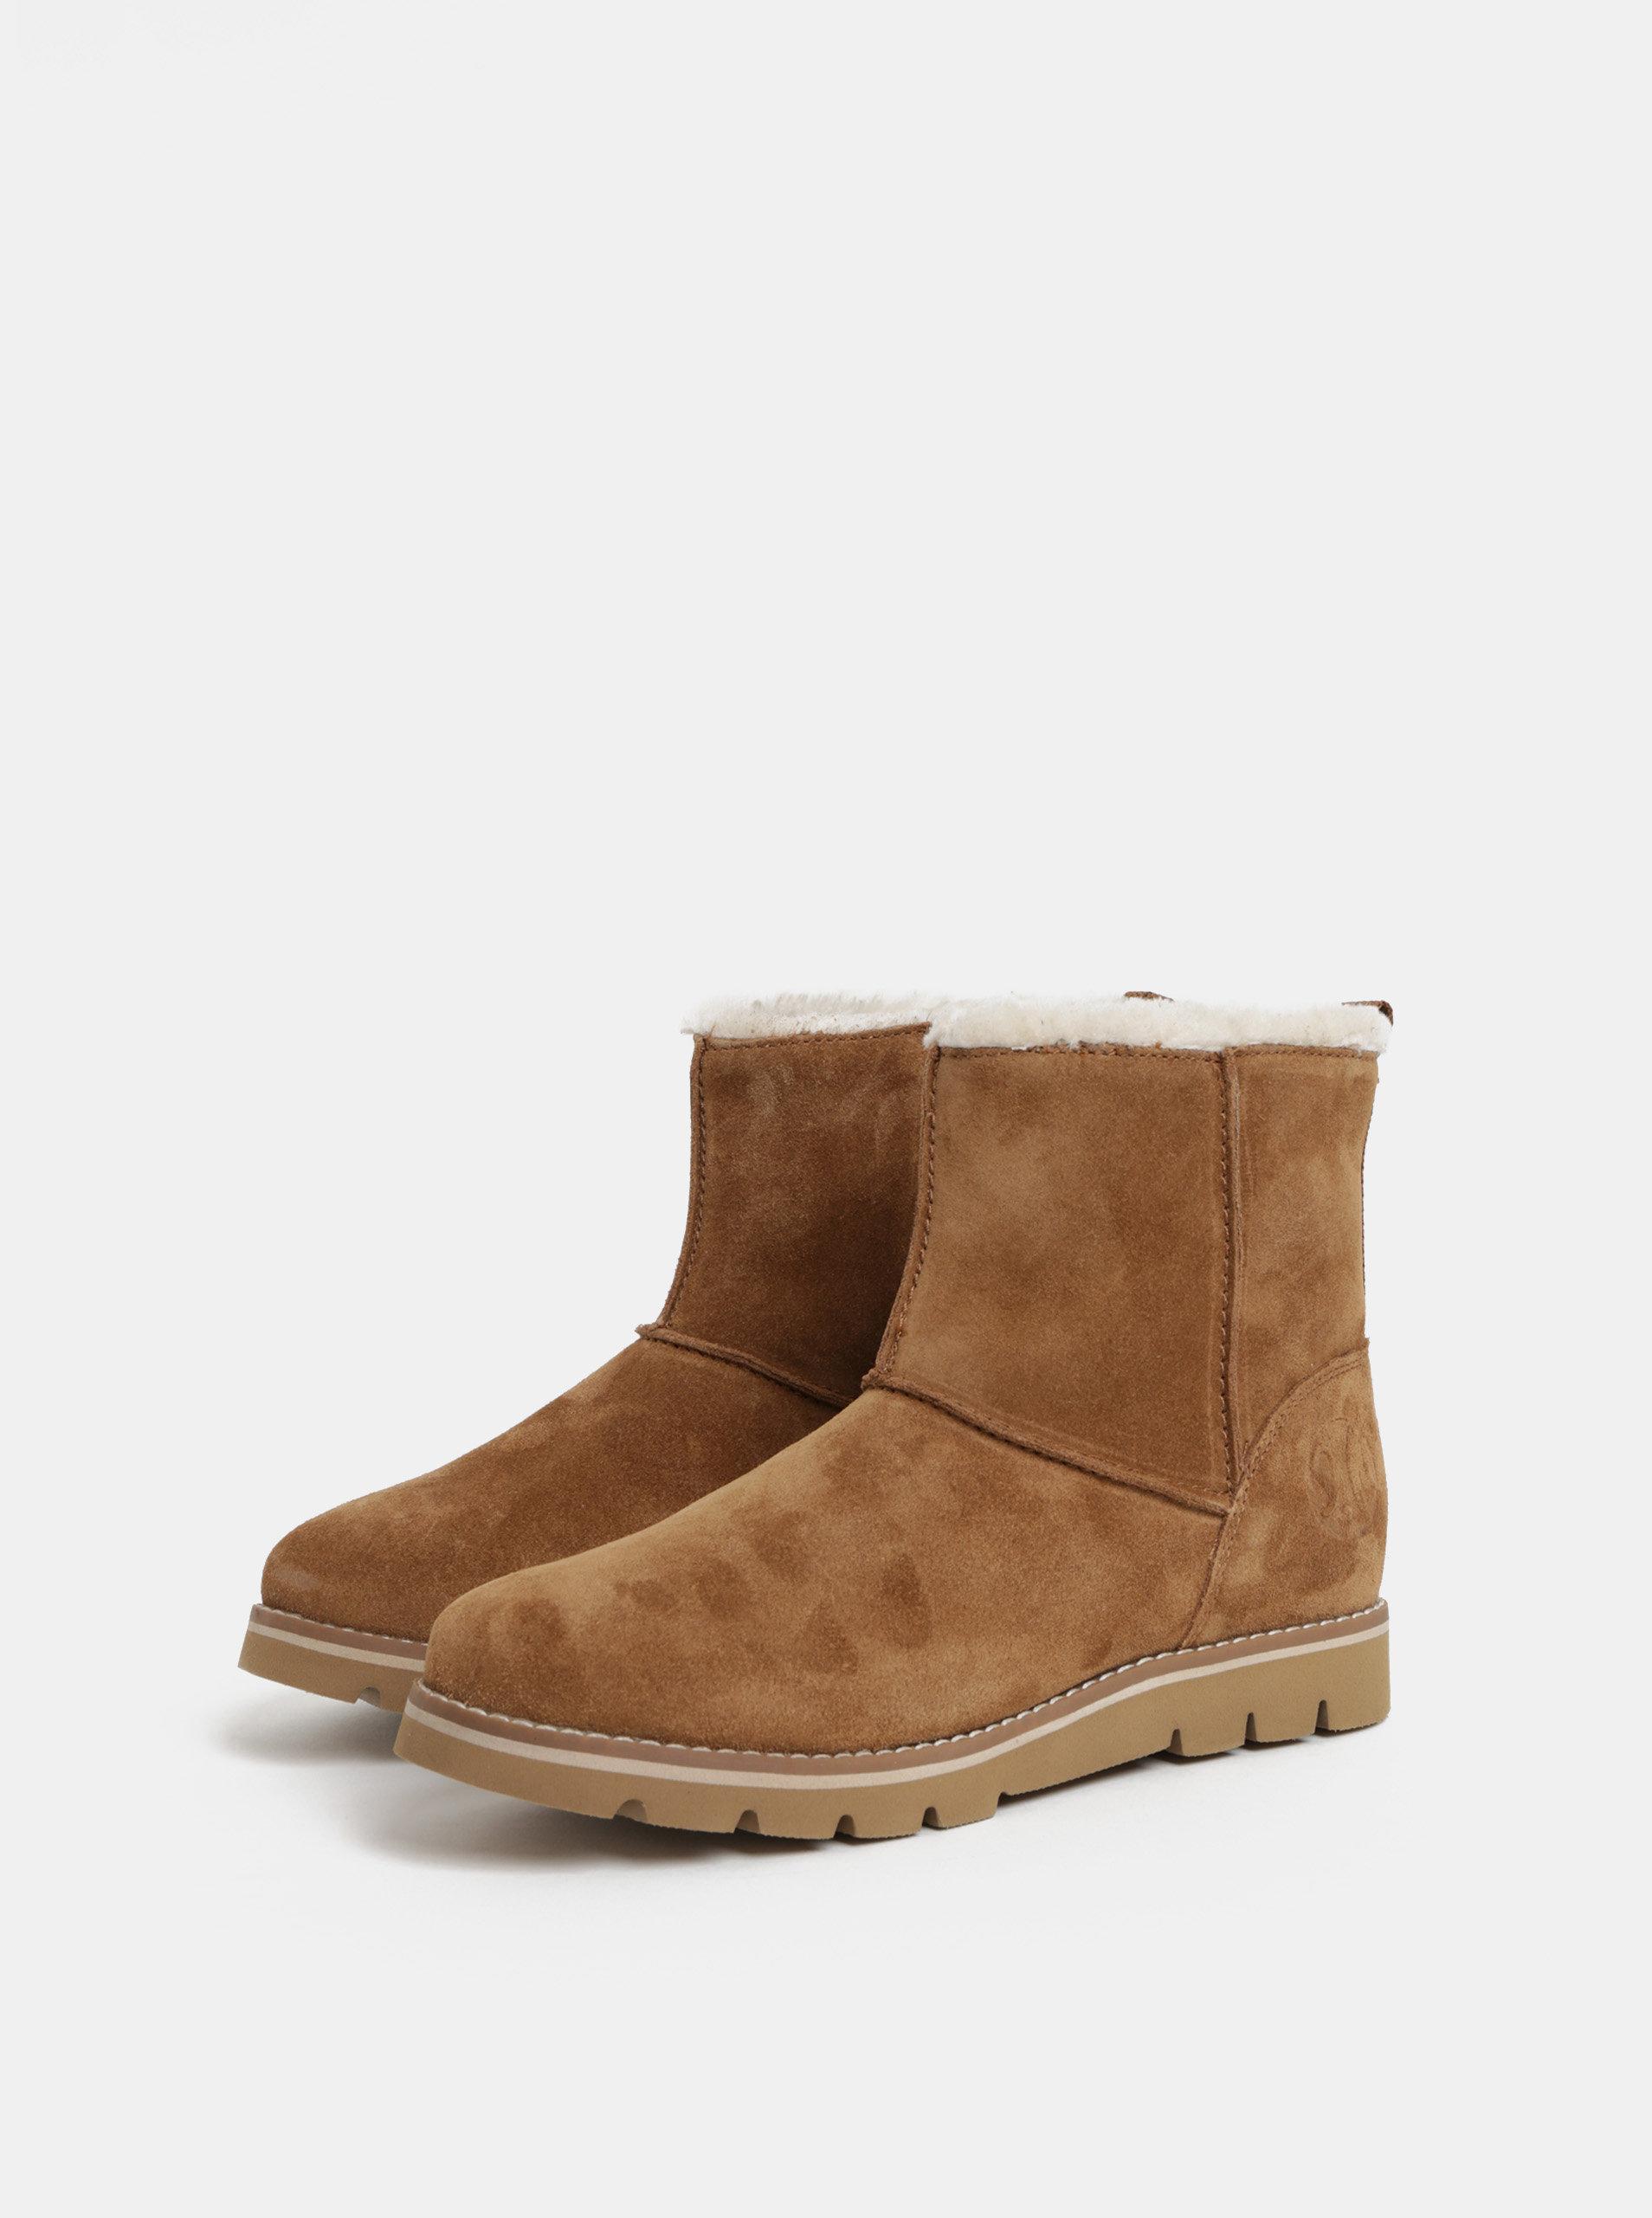 517541f1dc98e Hnedé dámske semišové zimné topánky s umelou kožušinkou s.Oliver ...